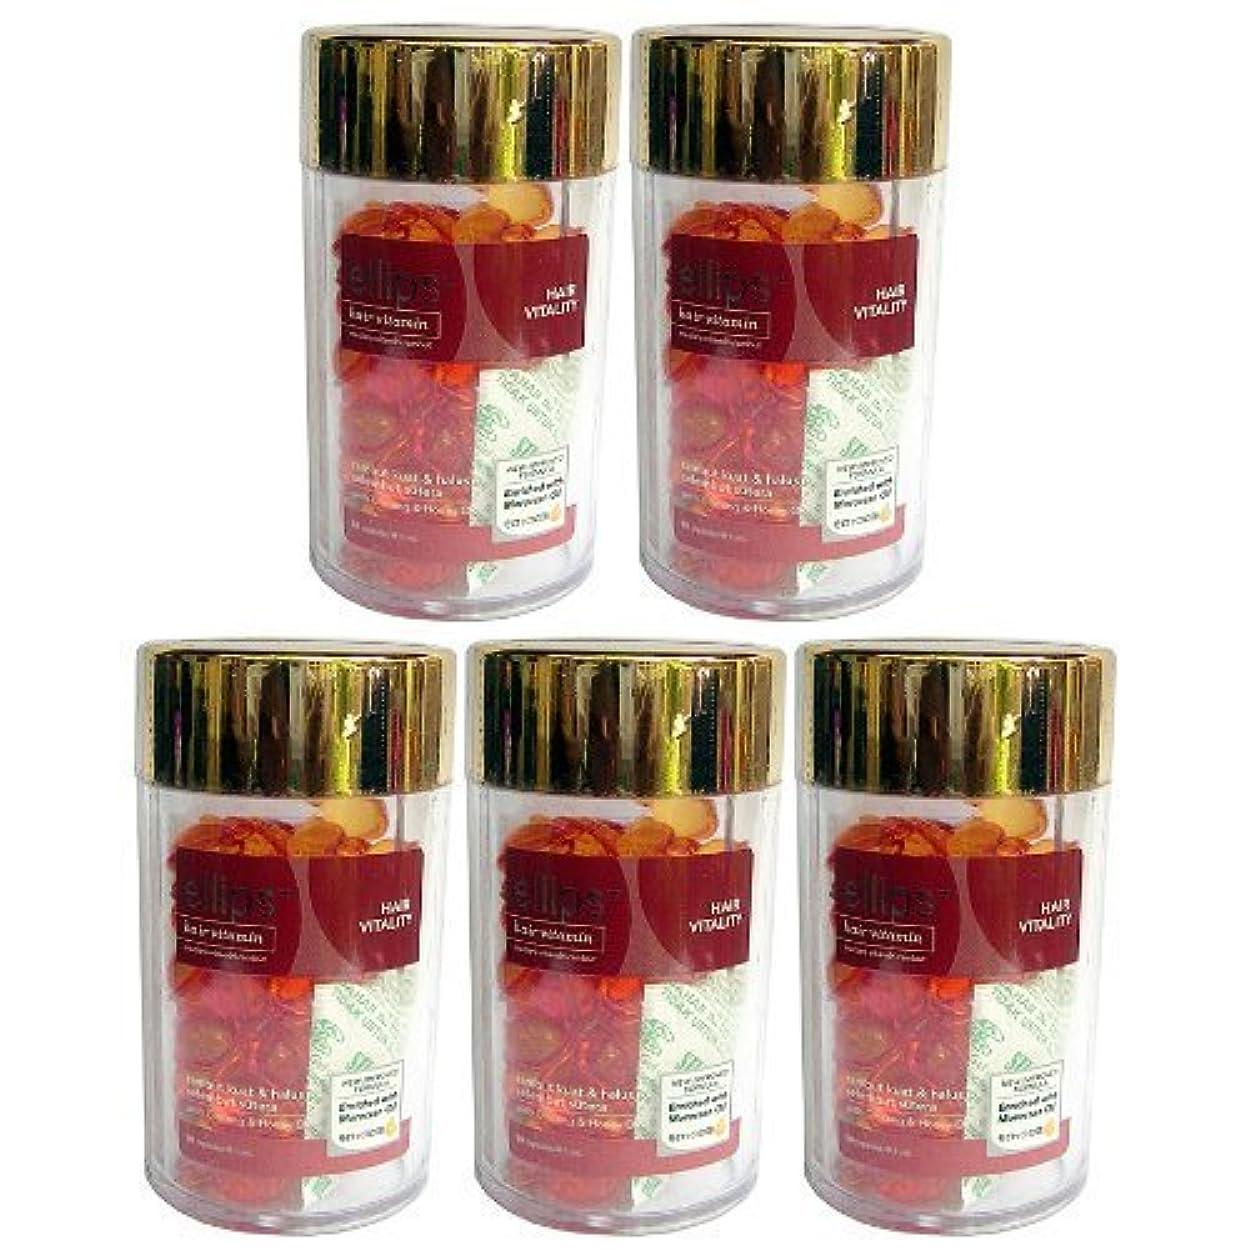 予感スマイル取得するEllips(エリプス)ヘアビタミン(50粒入)5個セット [並行輸入品][海外直送品] ブラウン